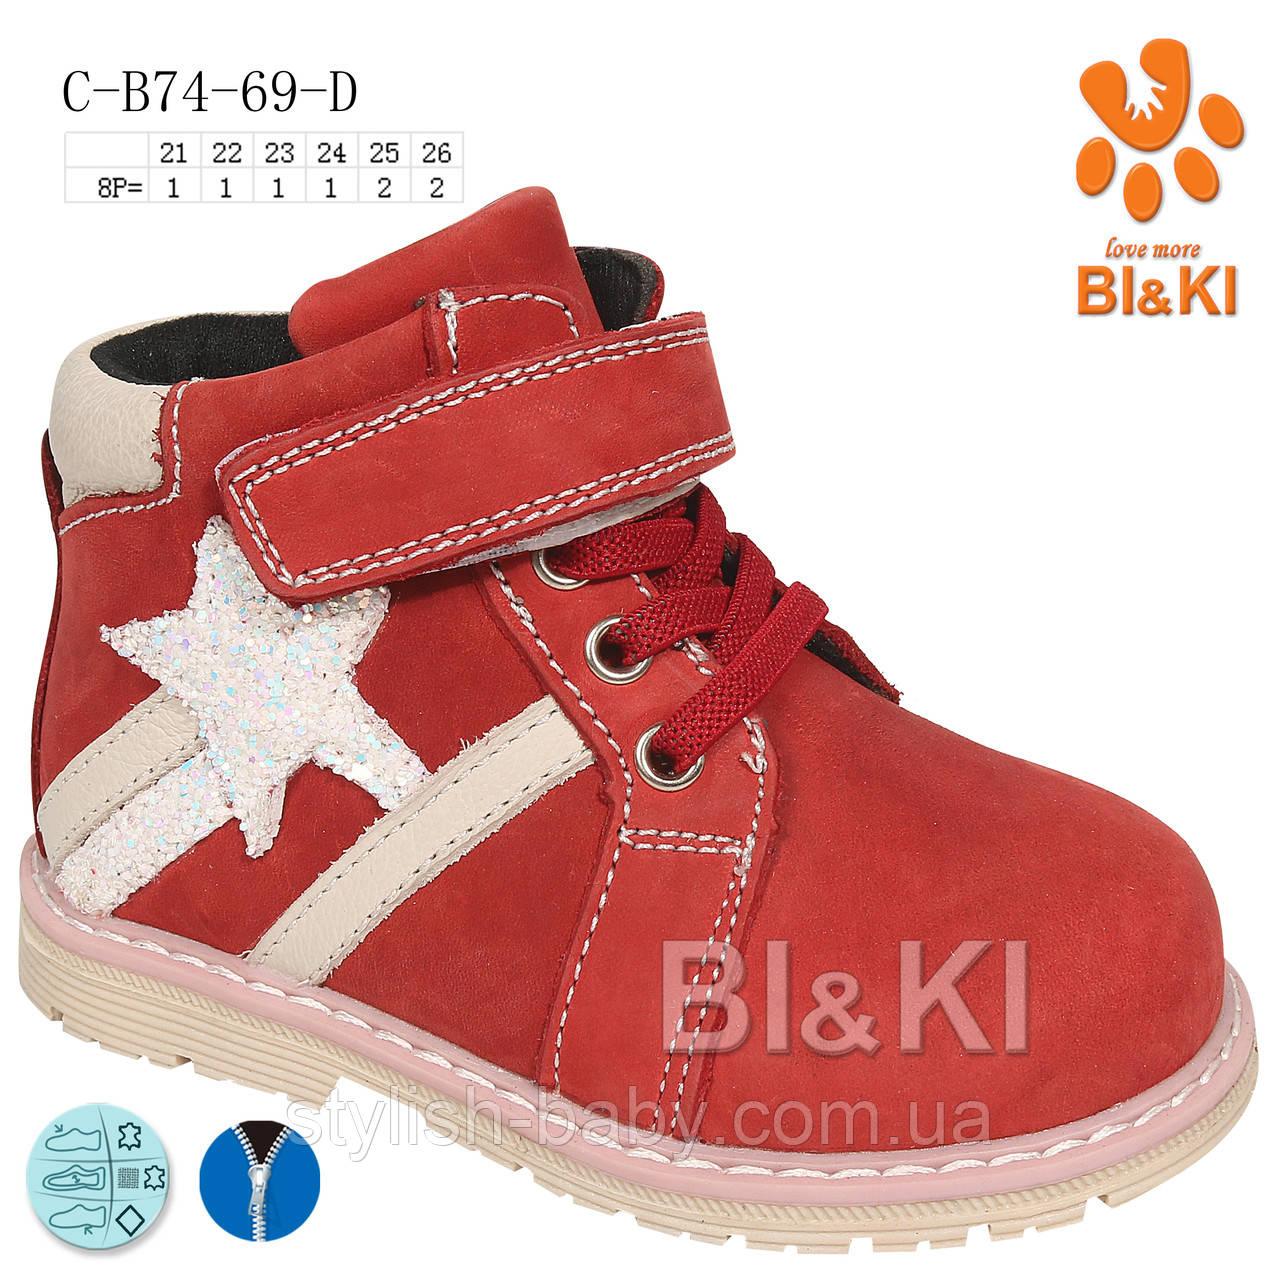 Дитяче взуття 2020 оптом. Дитячий демісезонний взуття бренду Tom.m - Bi&Ki для дівчаток (рр. з 21 по 26)